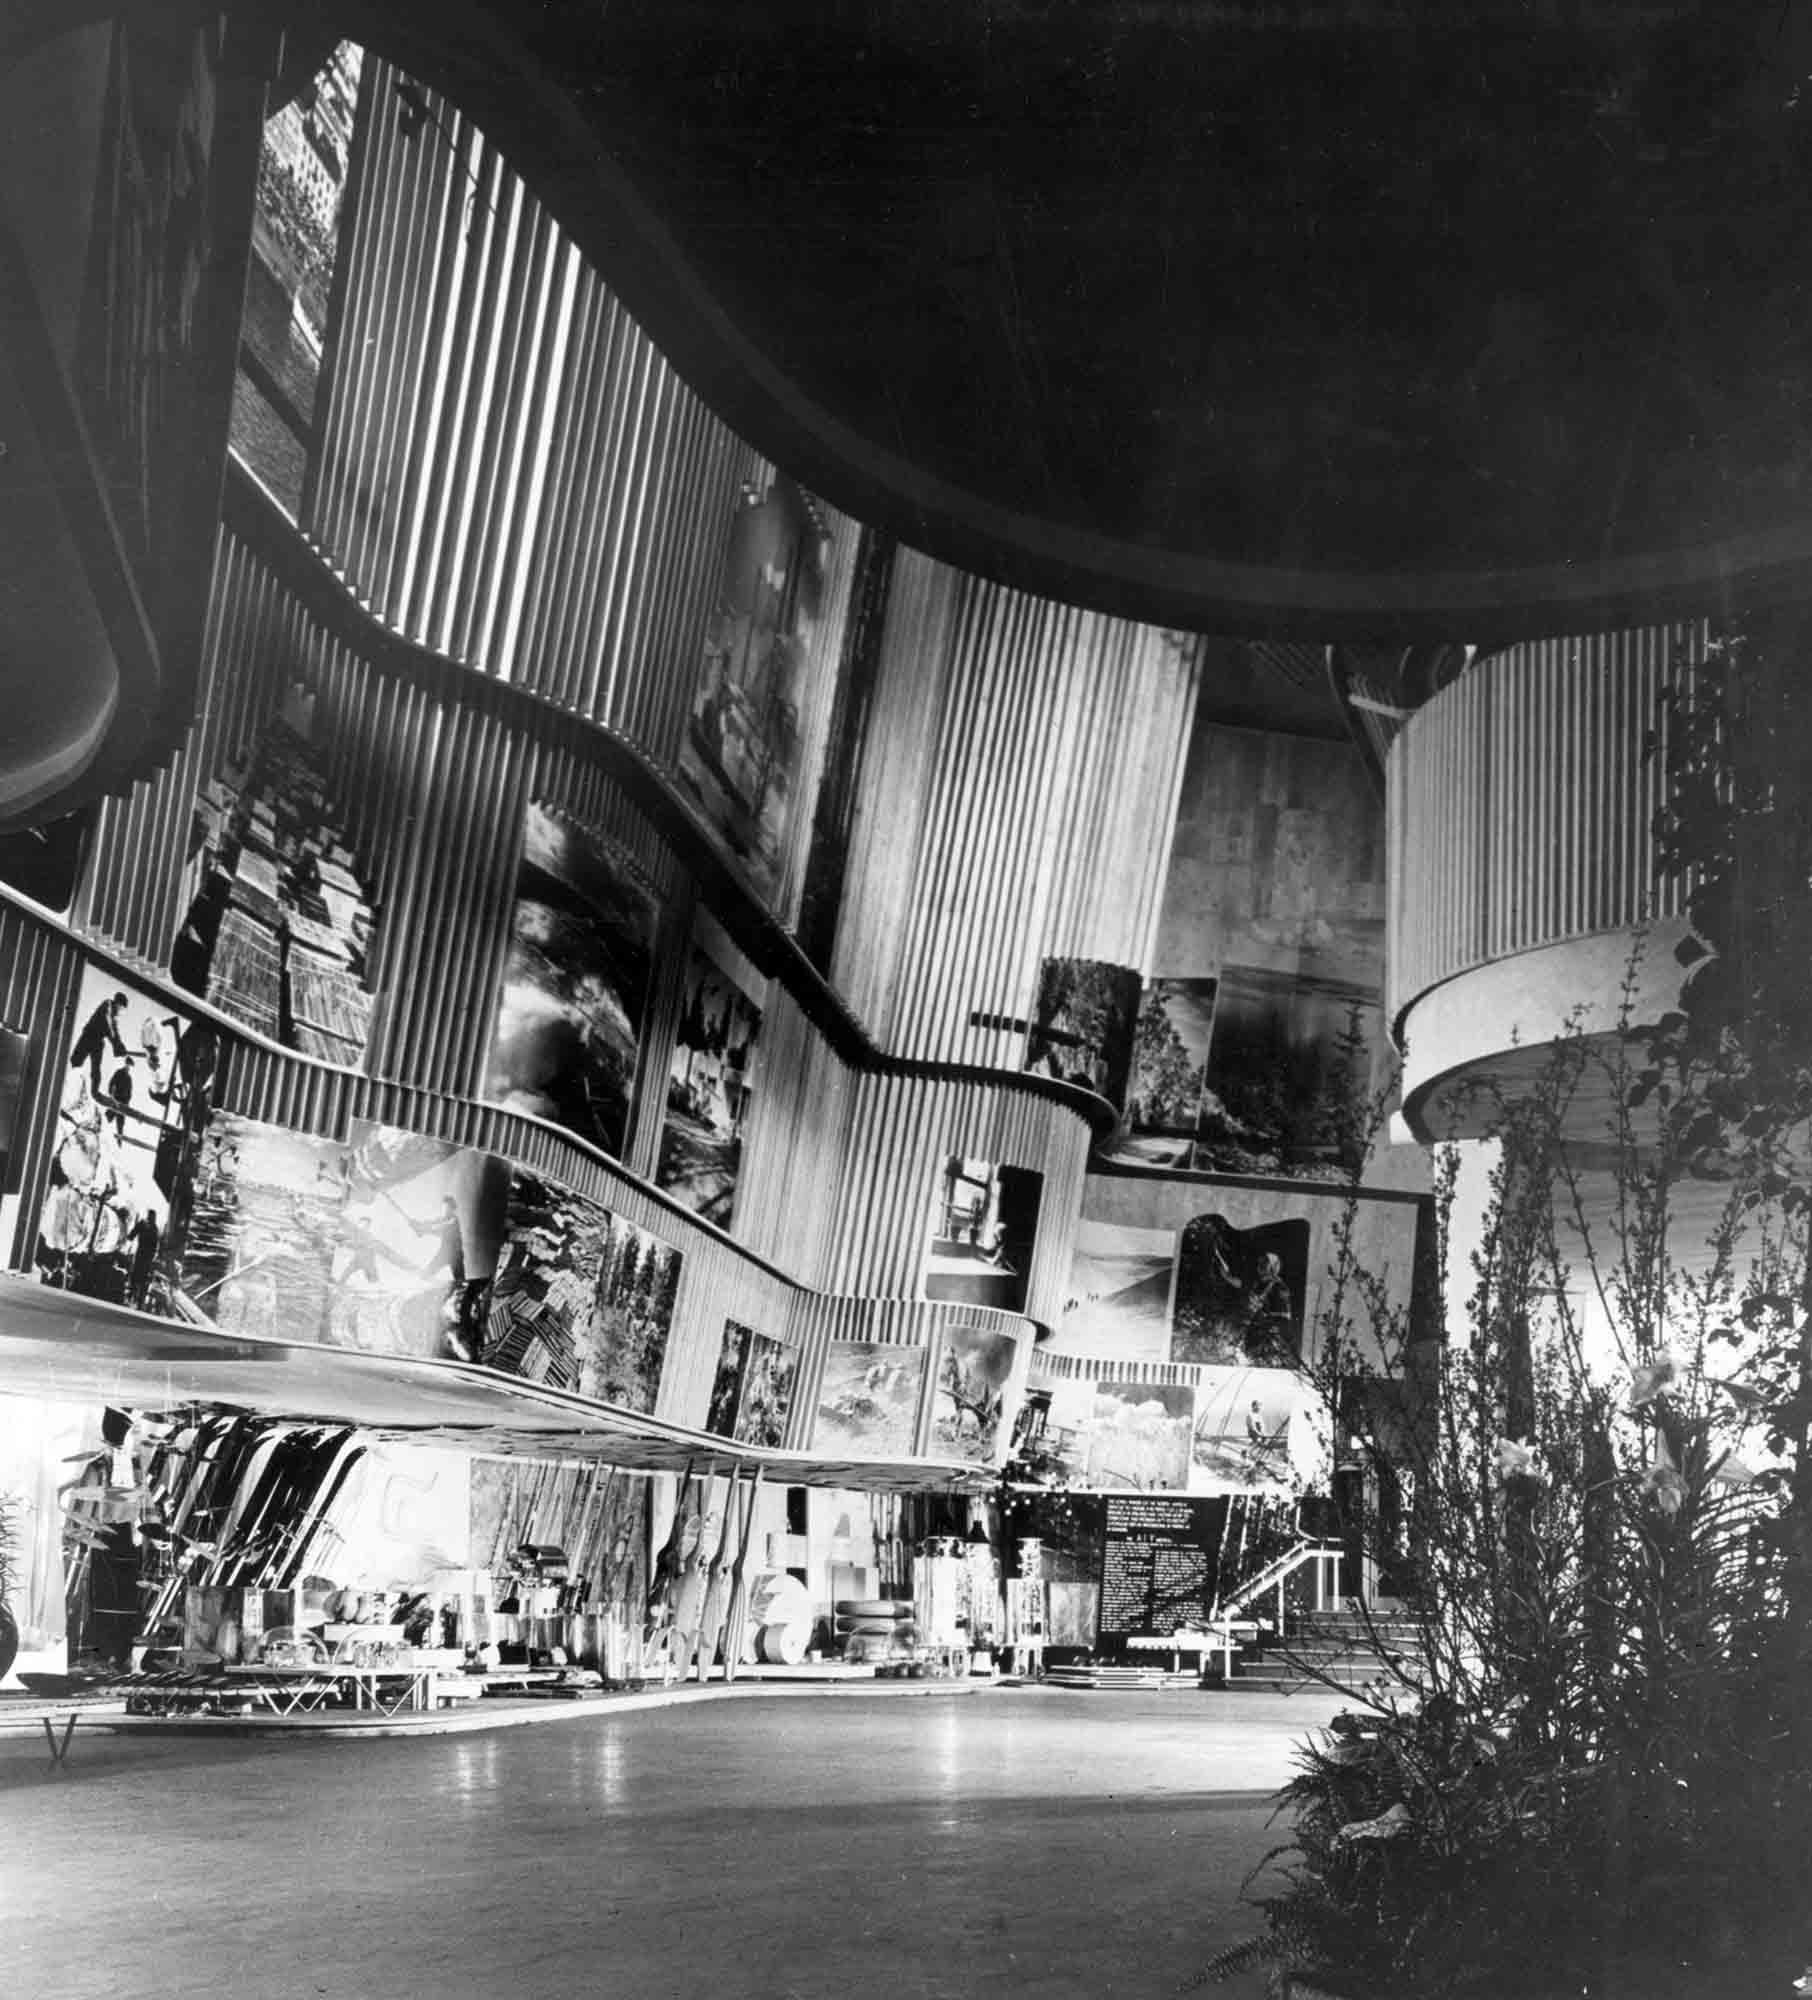 Pavillon finlandais, Expo universelle 1939 ©Alvar Aalto Museum, Esto Photographics, photo Ezra Stoller